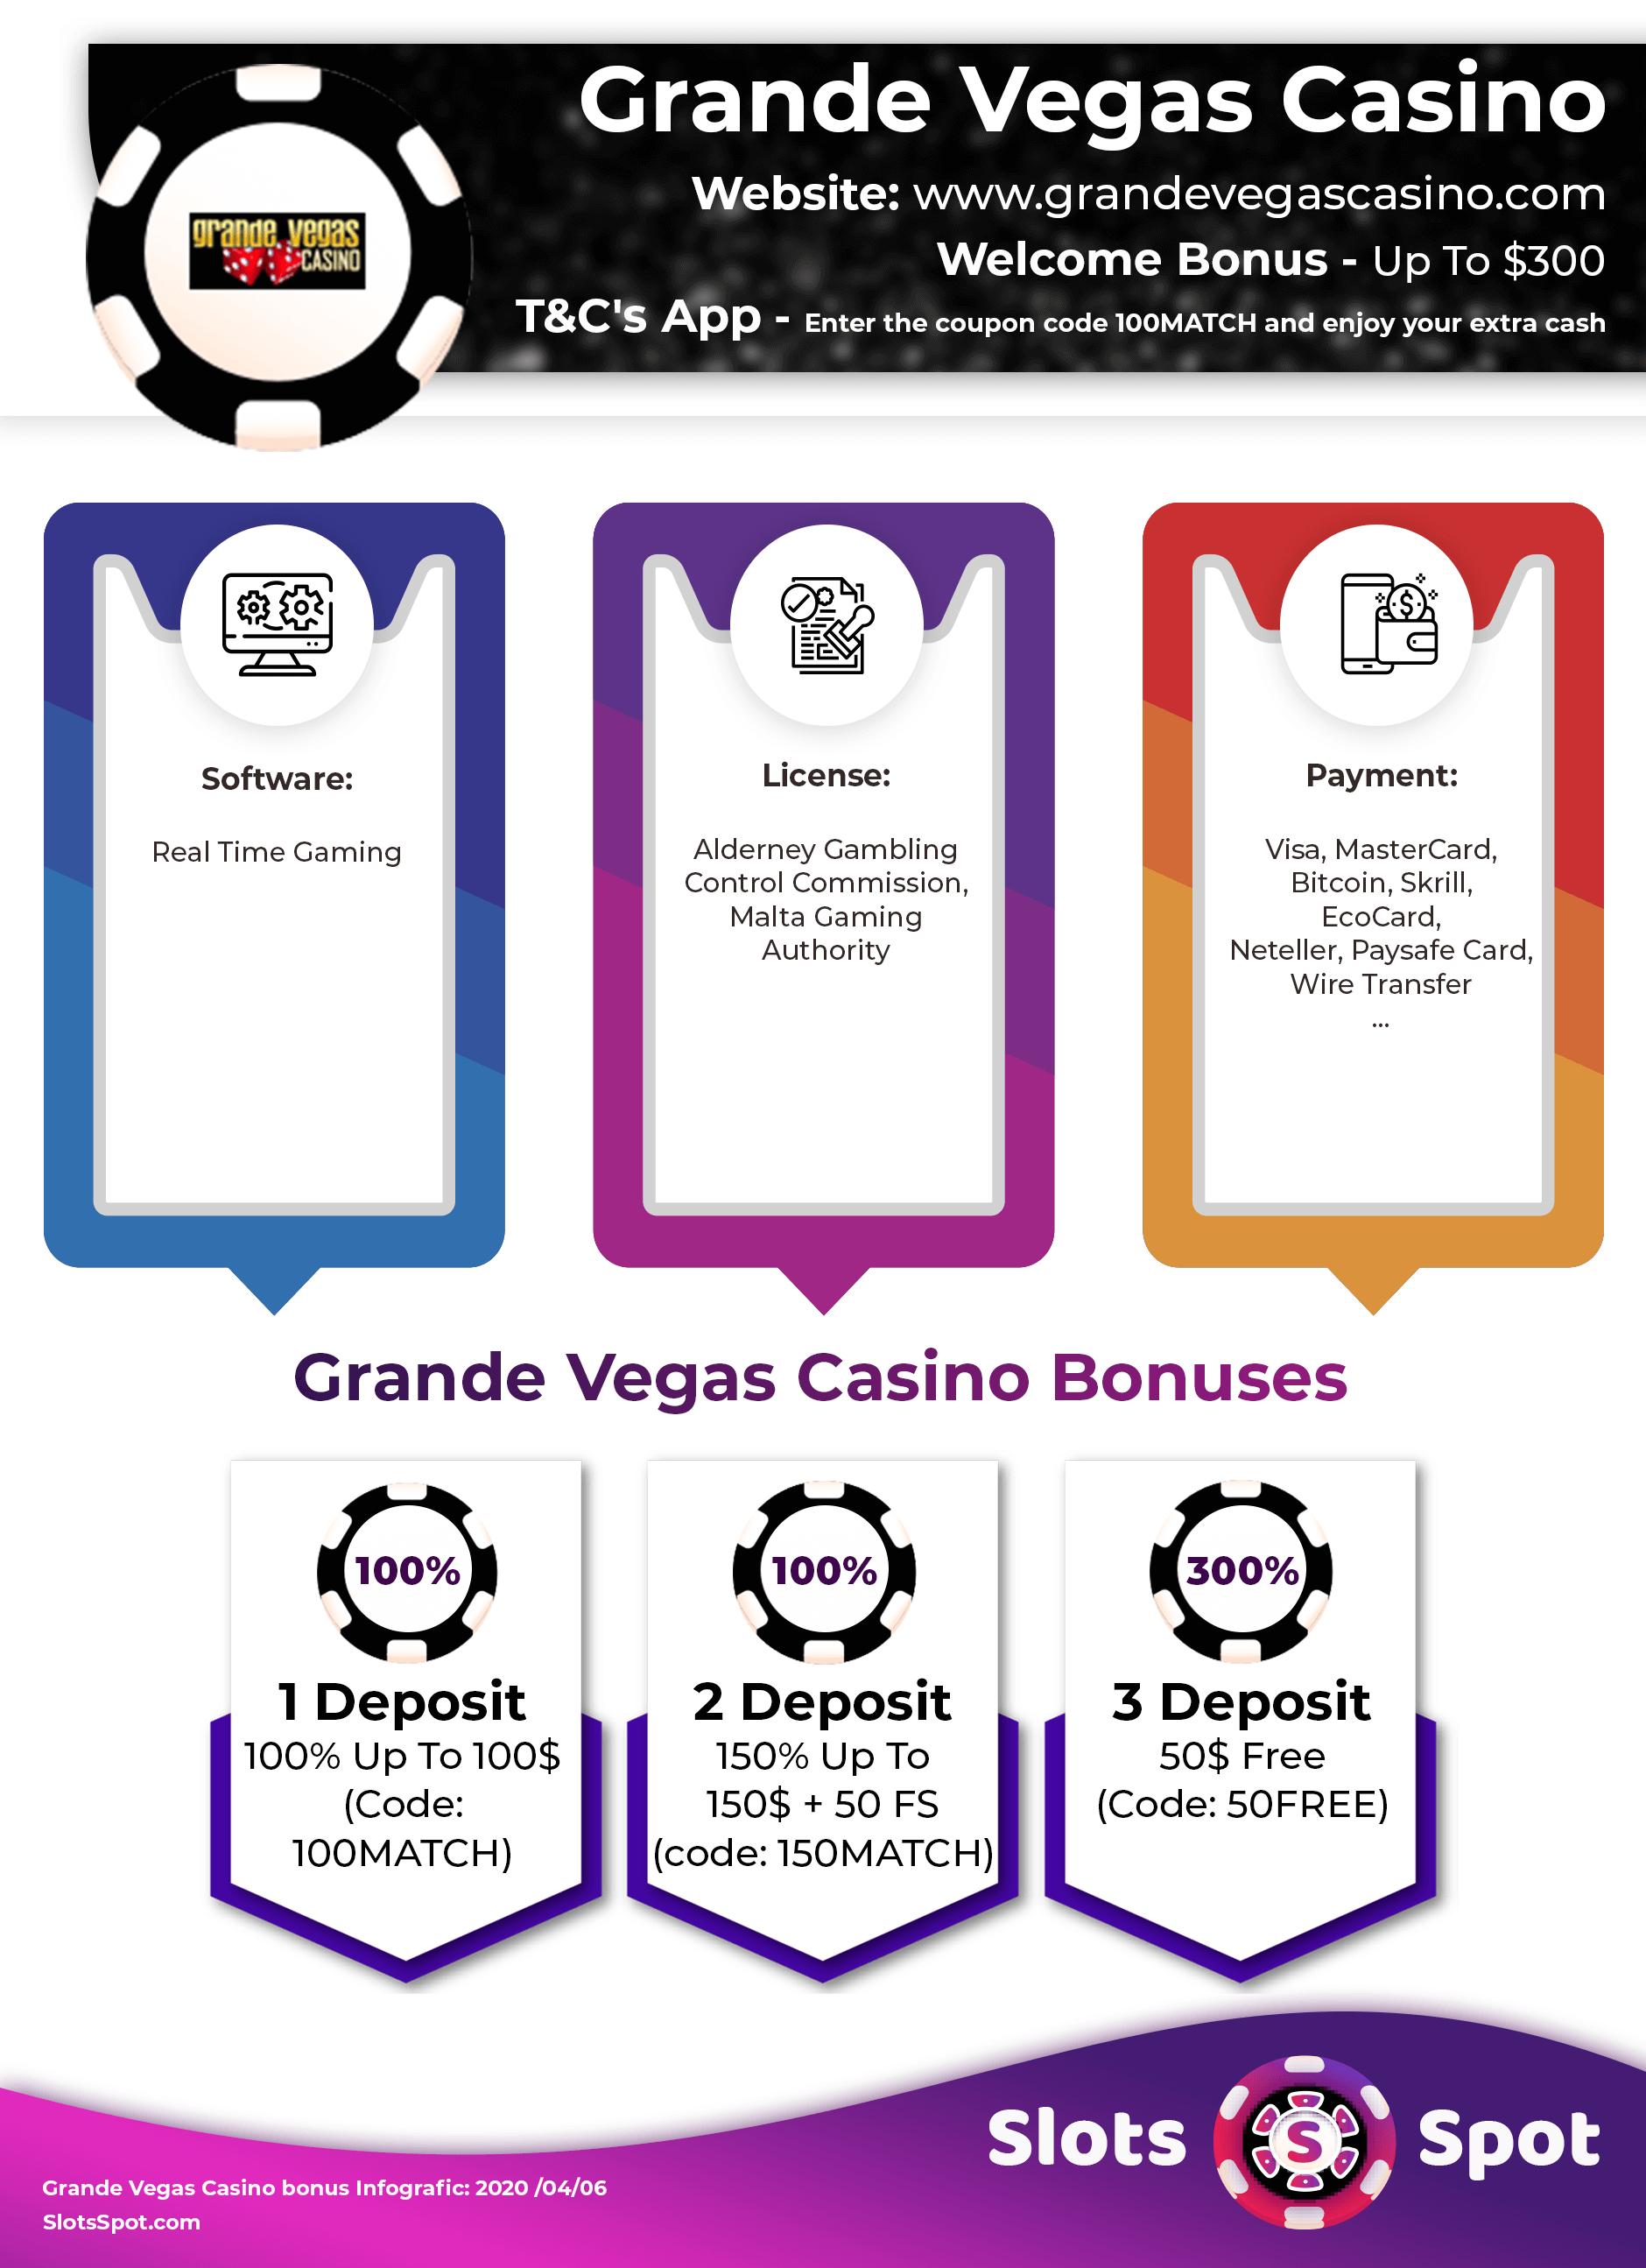 Grande Vegas Casino Bonus Codes 2021